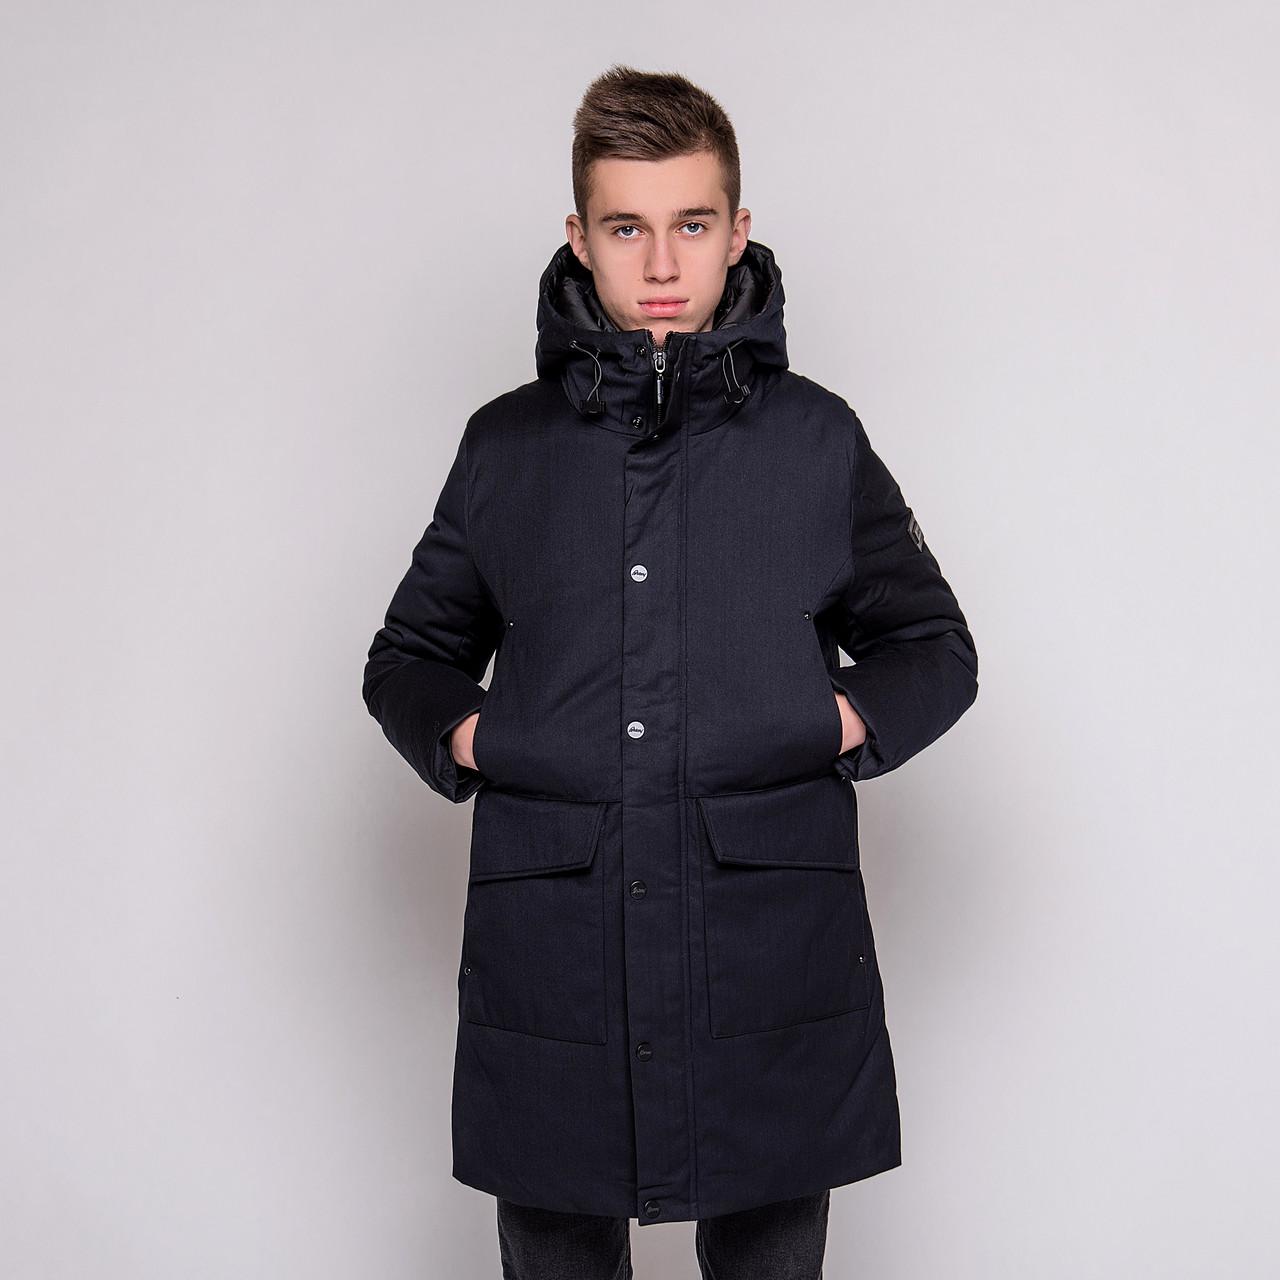 Чоловіча зимова куртка Brioni, темно-синього кольору.